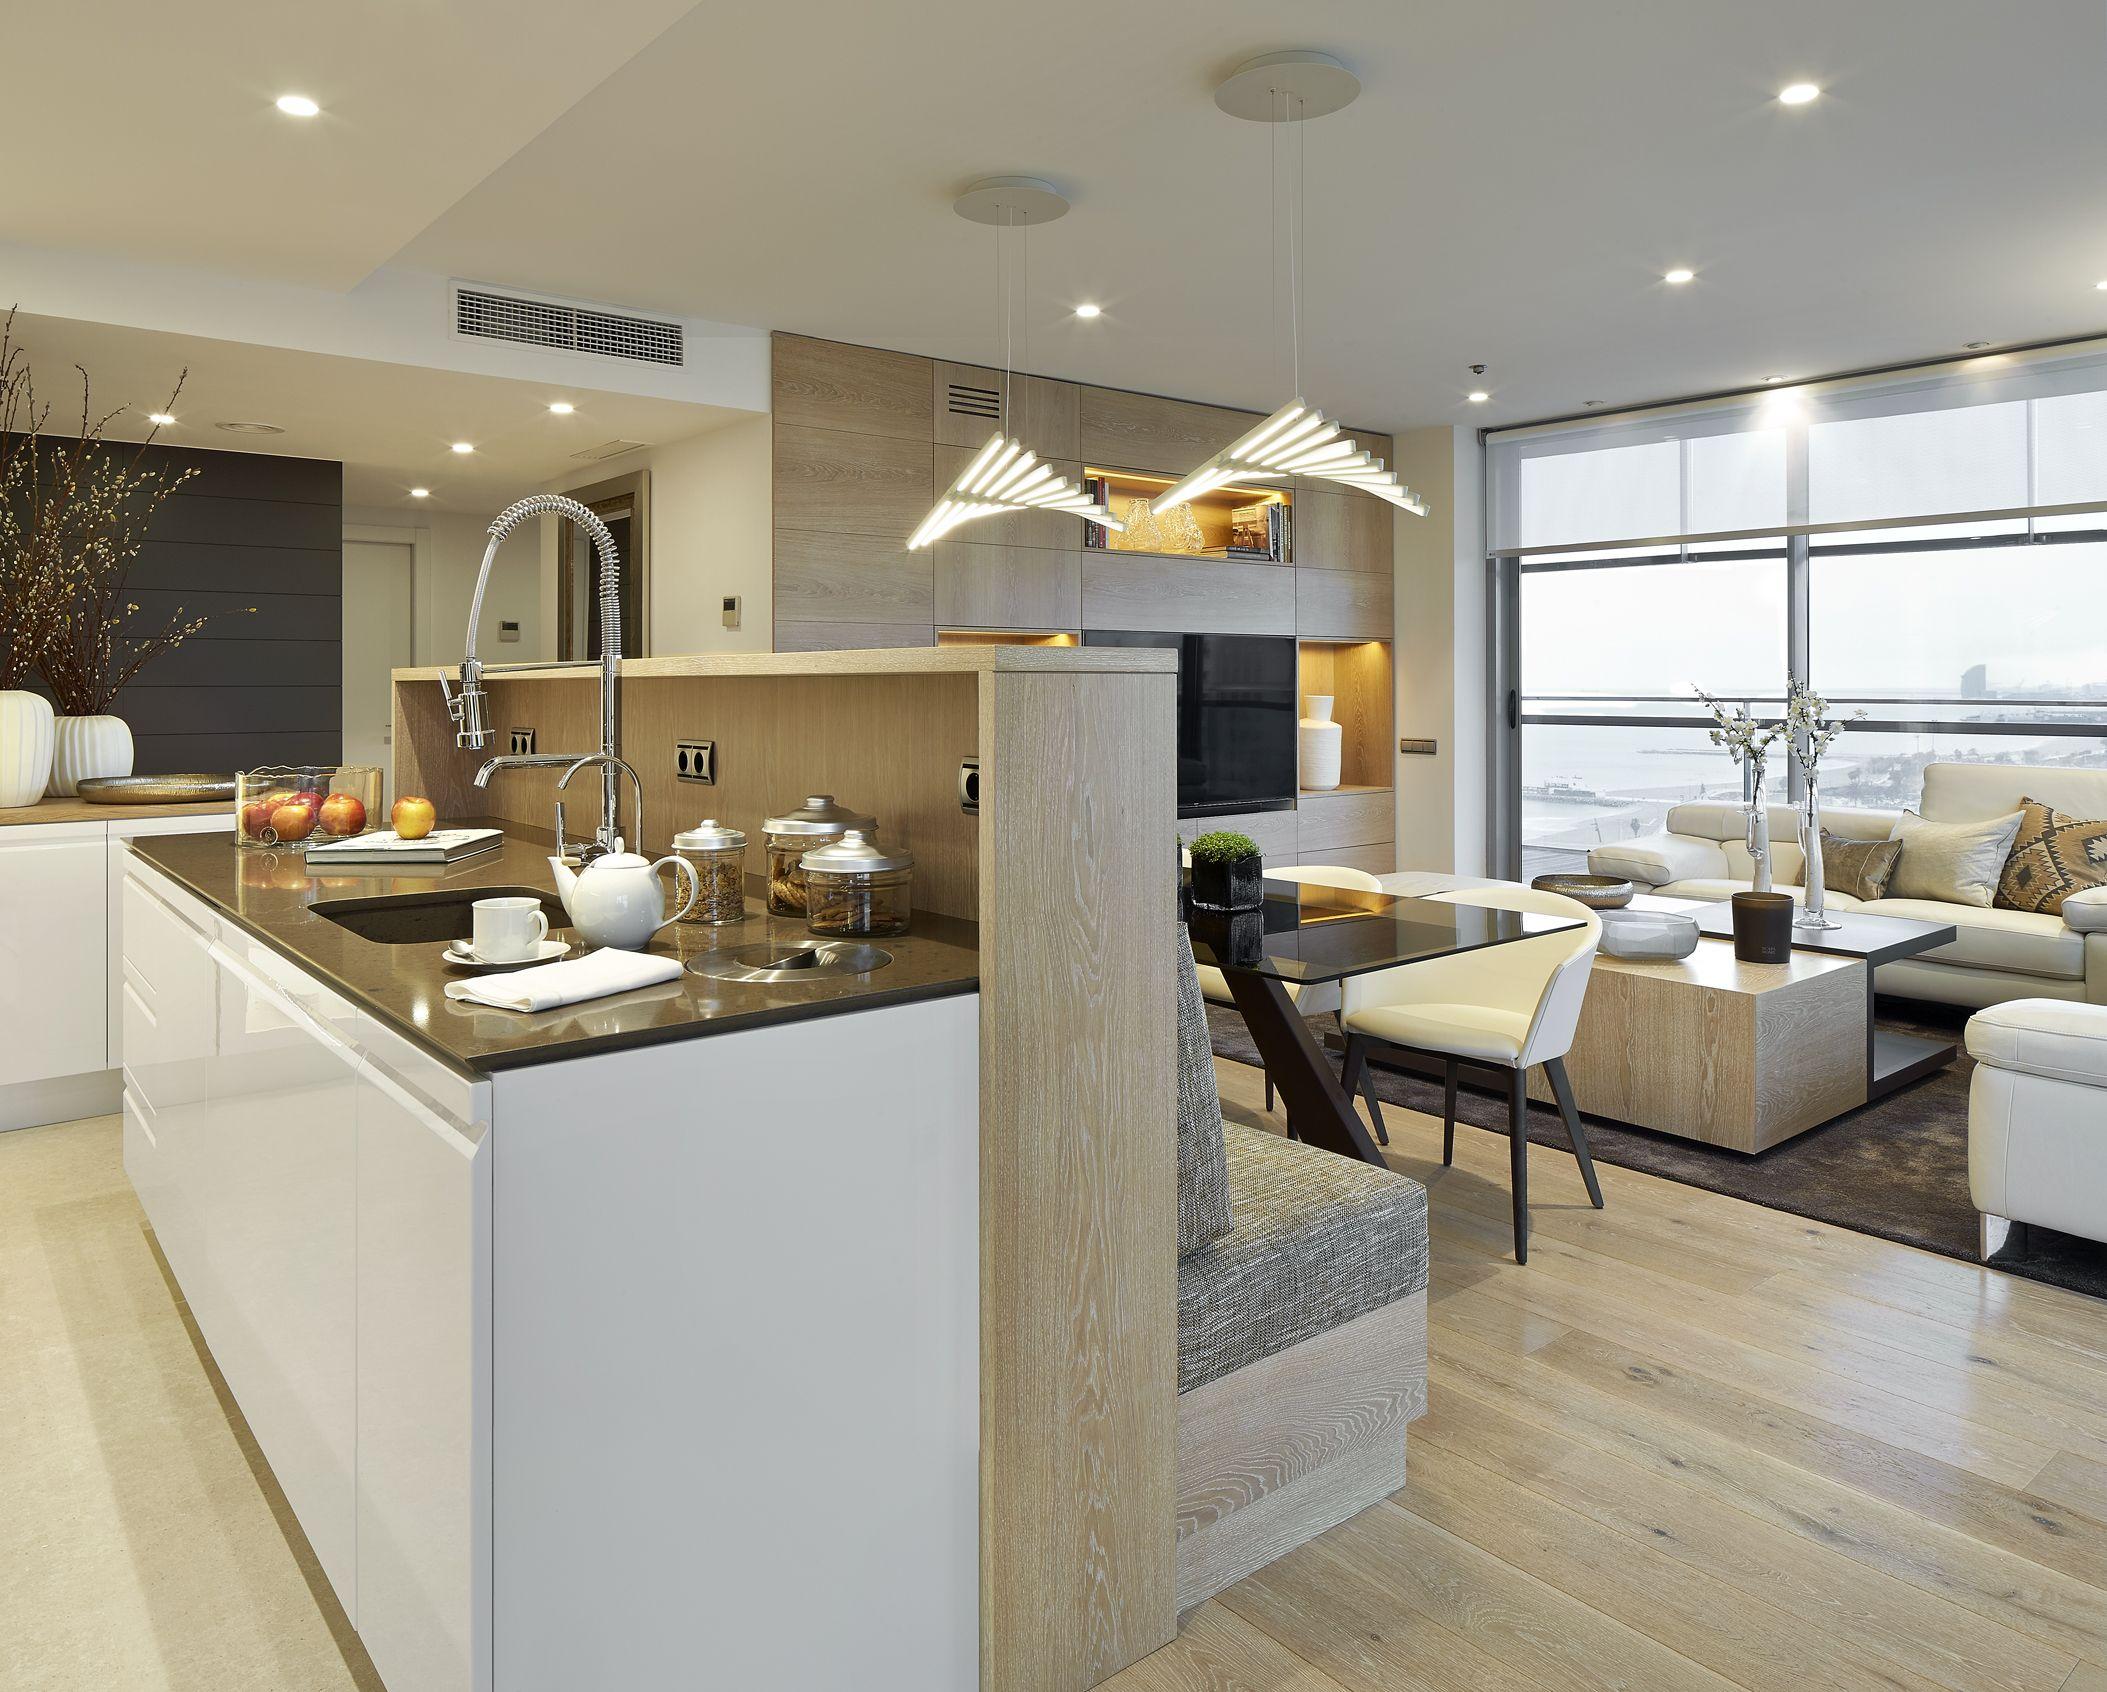 Molinsdesign Arquitectura Y Disenodeinteriores Cocinasconisla Comedores Mol Decoracion De Cocina Moderna Apartamento Cocina Cocinas Abiertas Al Comedor